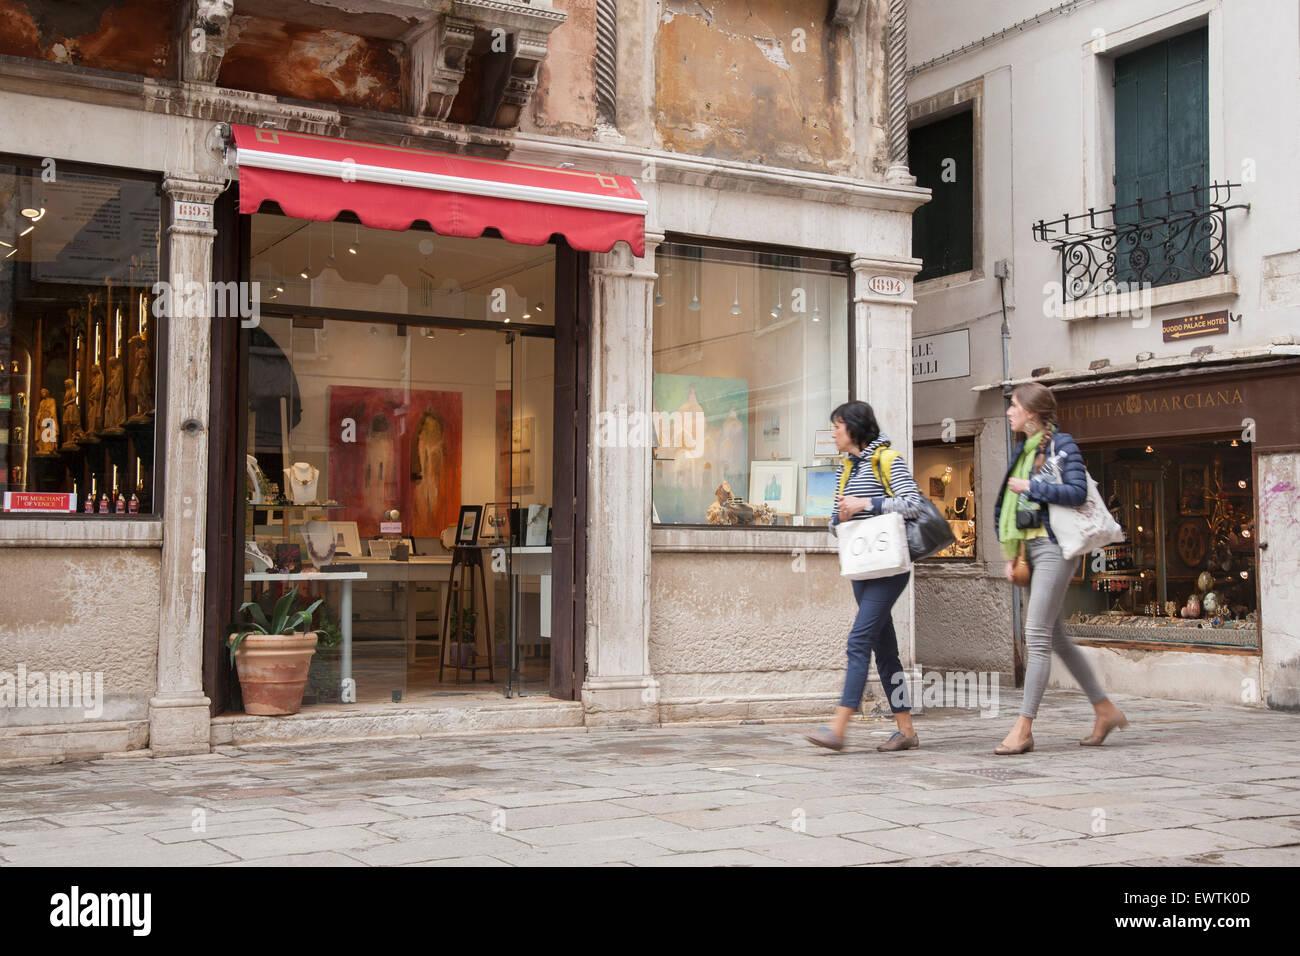 calle stretto venice - photo#12